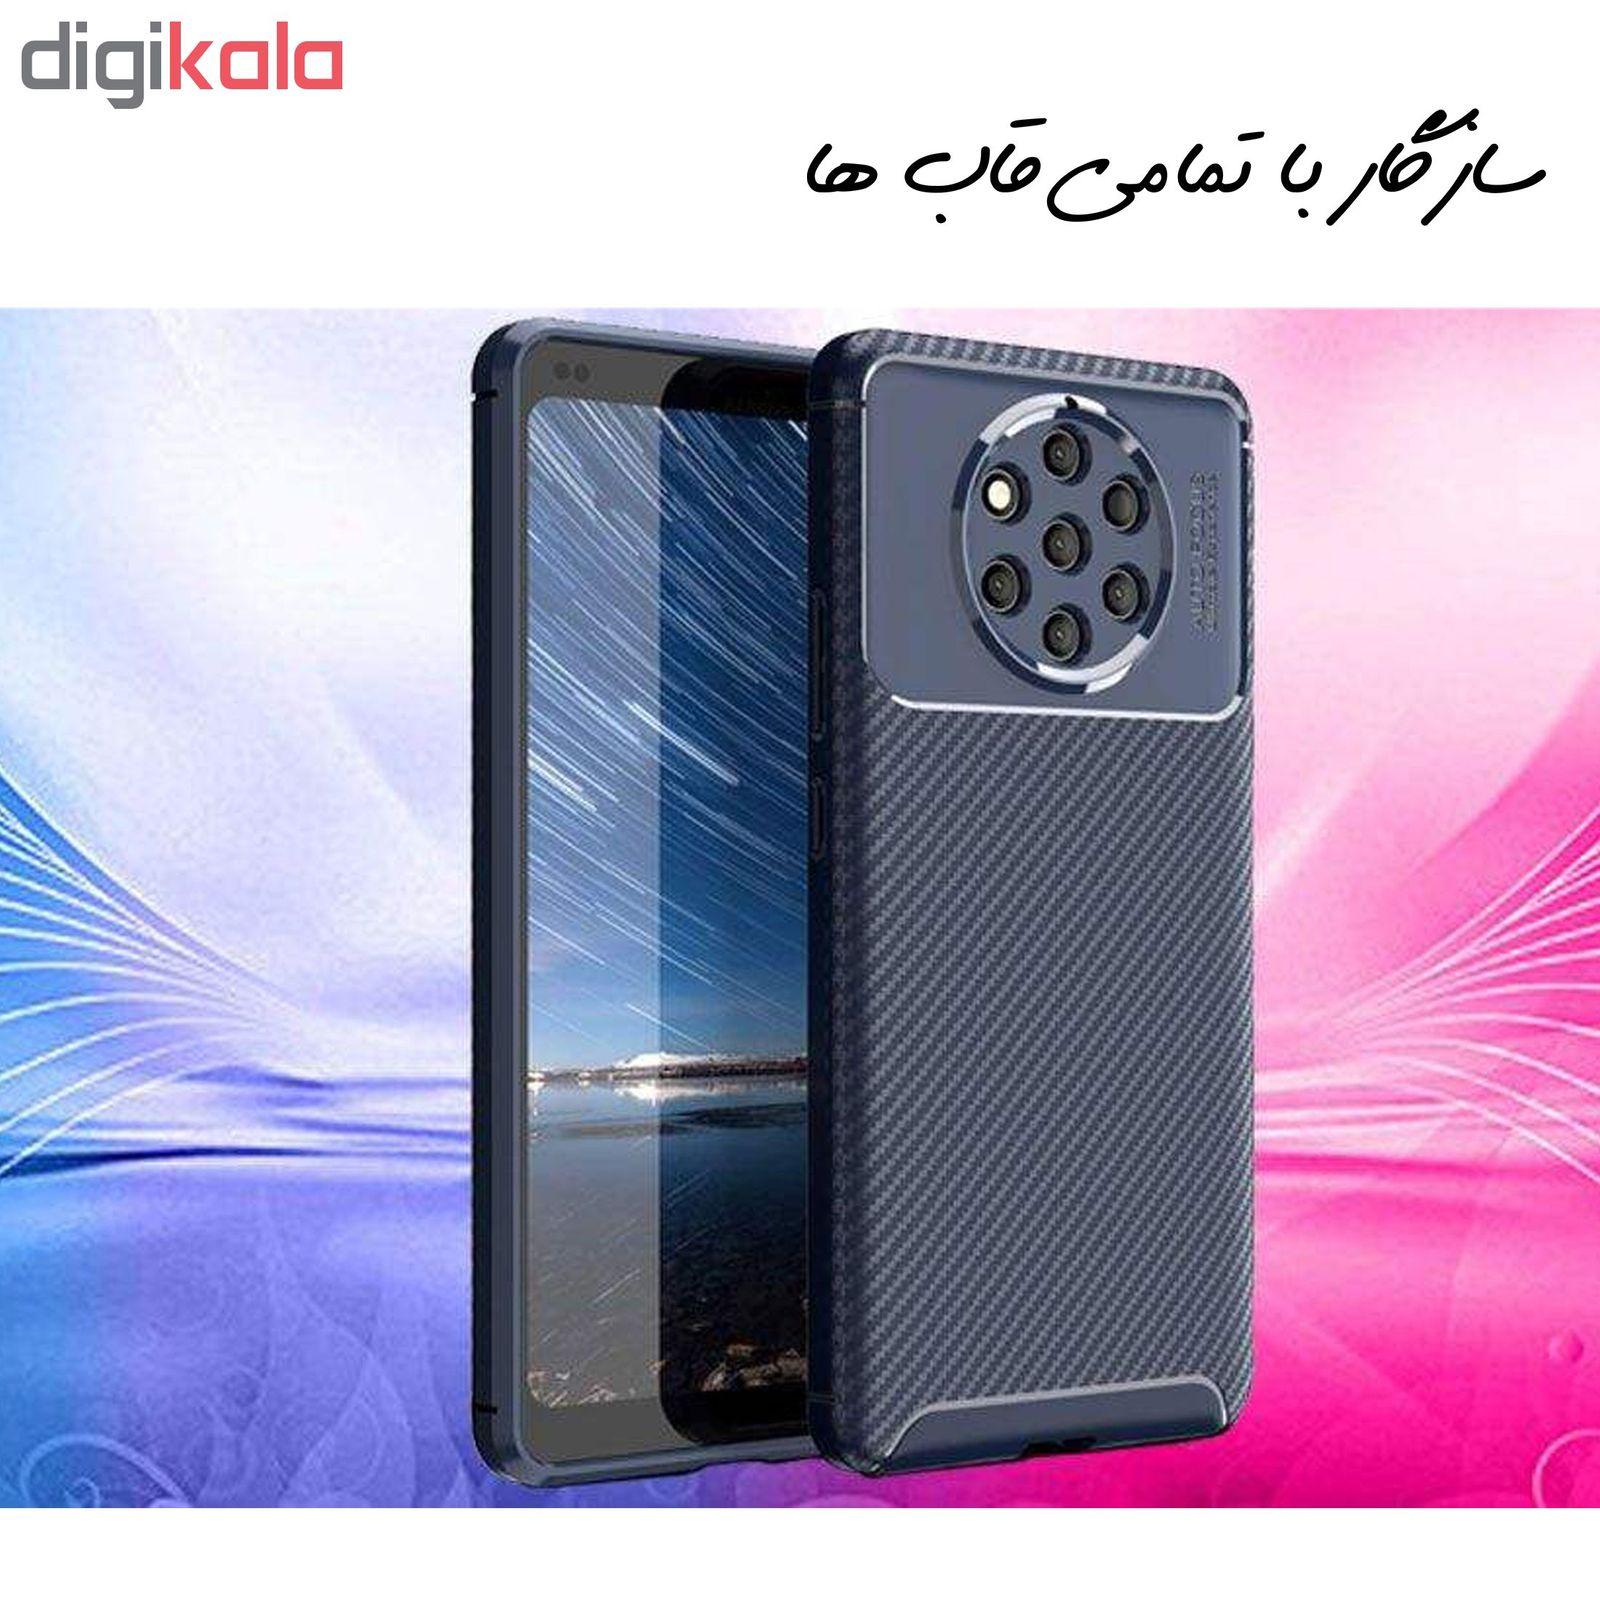 محافظ صفحه نمایش Hard and thick مدل F-01 مناسب برای گوشی موبایل سامسونگ Galaxy A30s  main 1 5